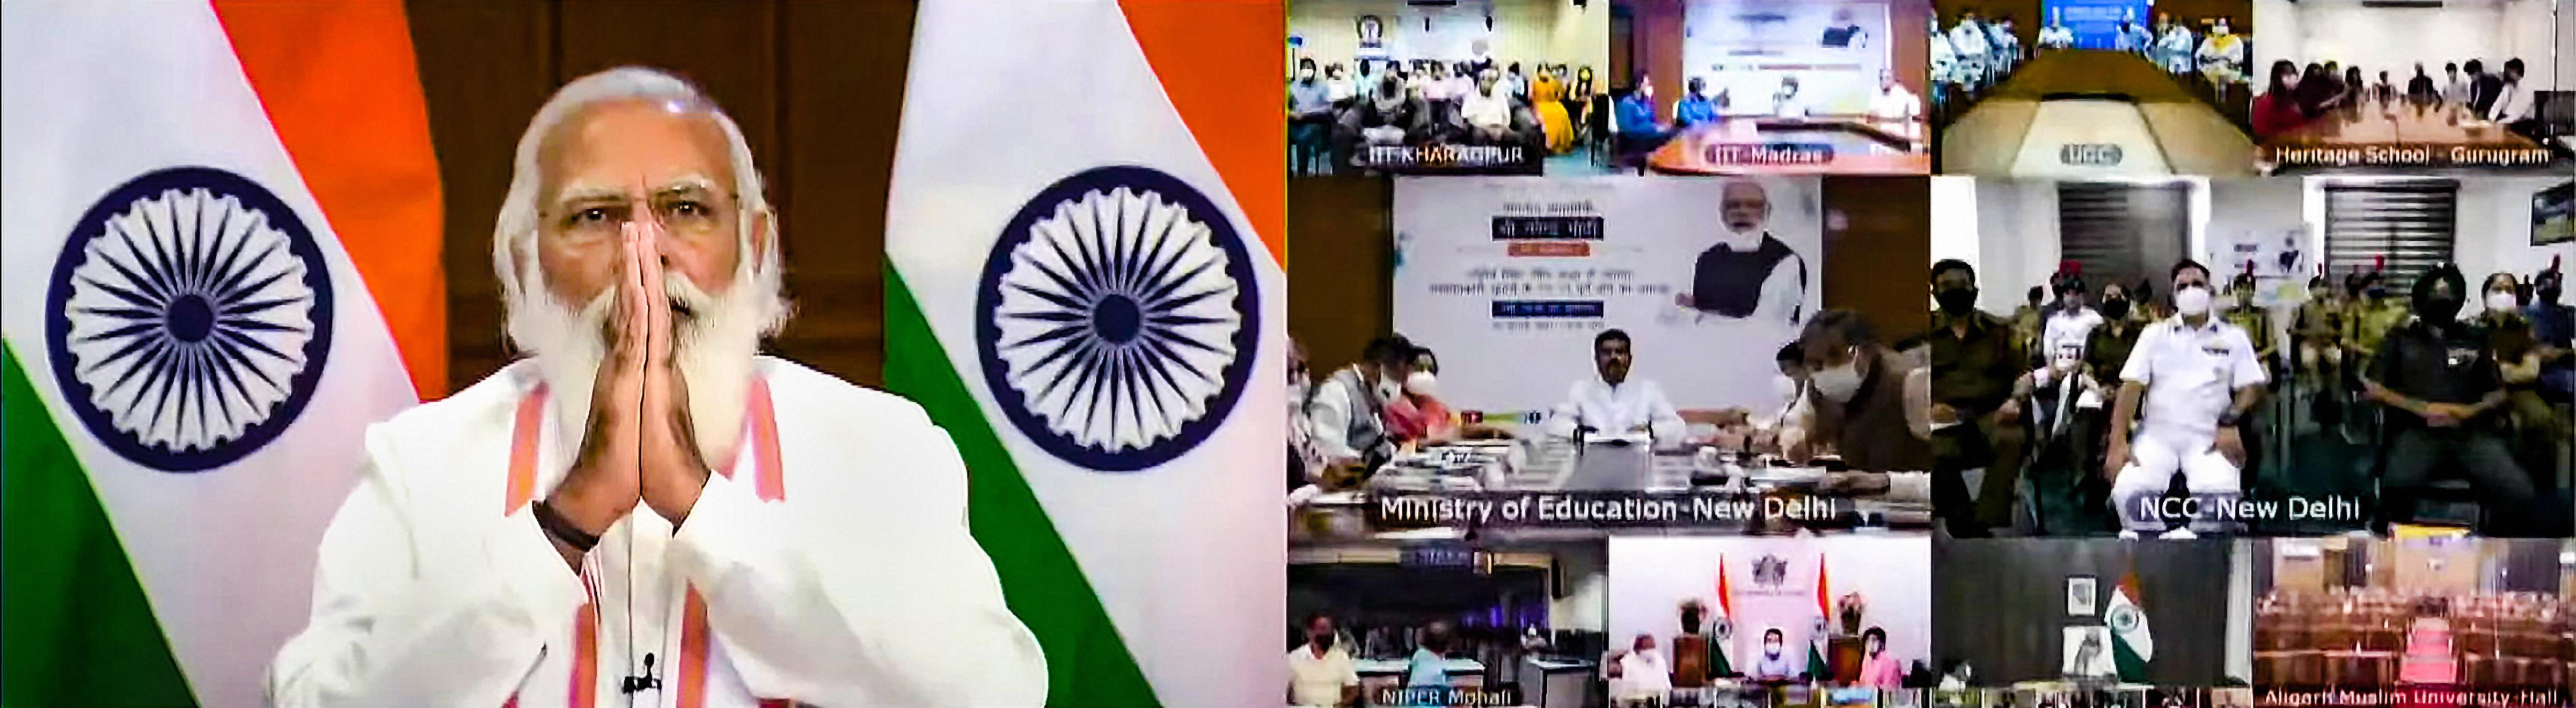 वीडियो कॉन्फ्रेंसिंग के जरिए हुए कार्यक्रम में केंद्रीय शिक्षा मंत्री धर्मेंद्र प्रधान भी शामिल हुए।